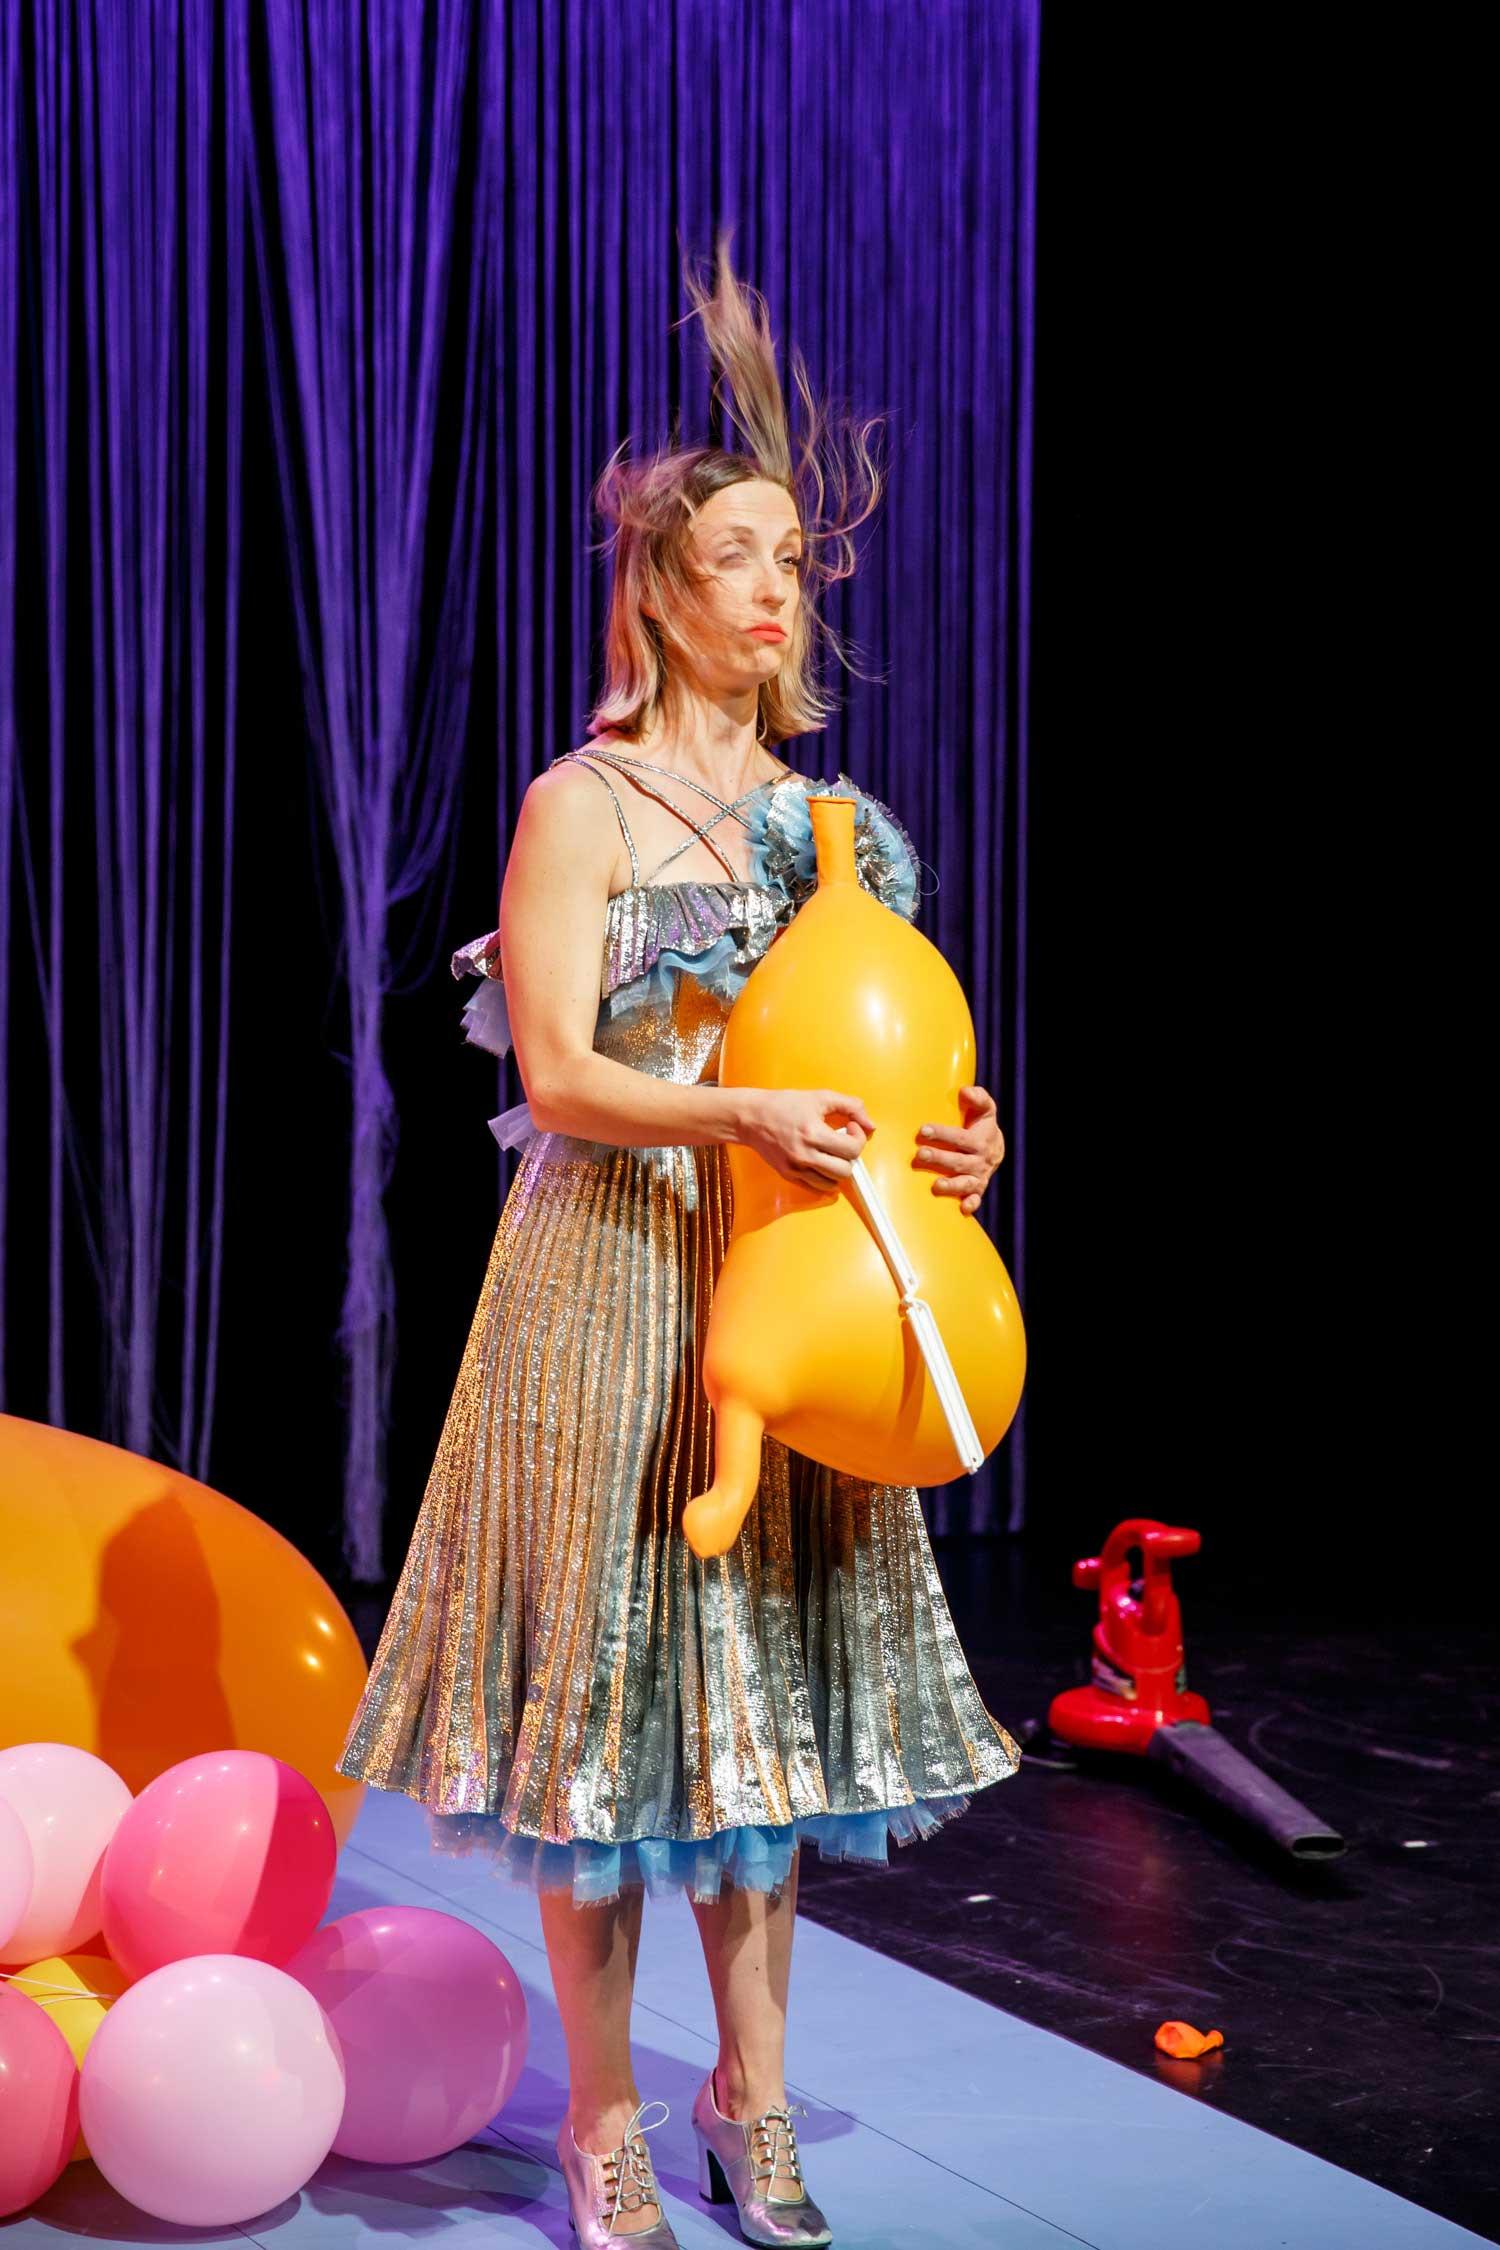 La performeuse Emma-Kate Guimond, en robe argent, a les cheveux ébouriffés par l'air d'un gros ballon orangé qui se dégonfle.